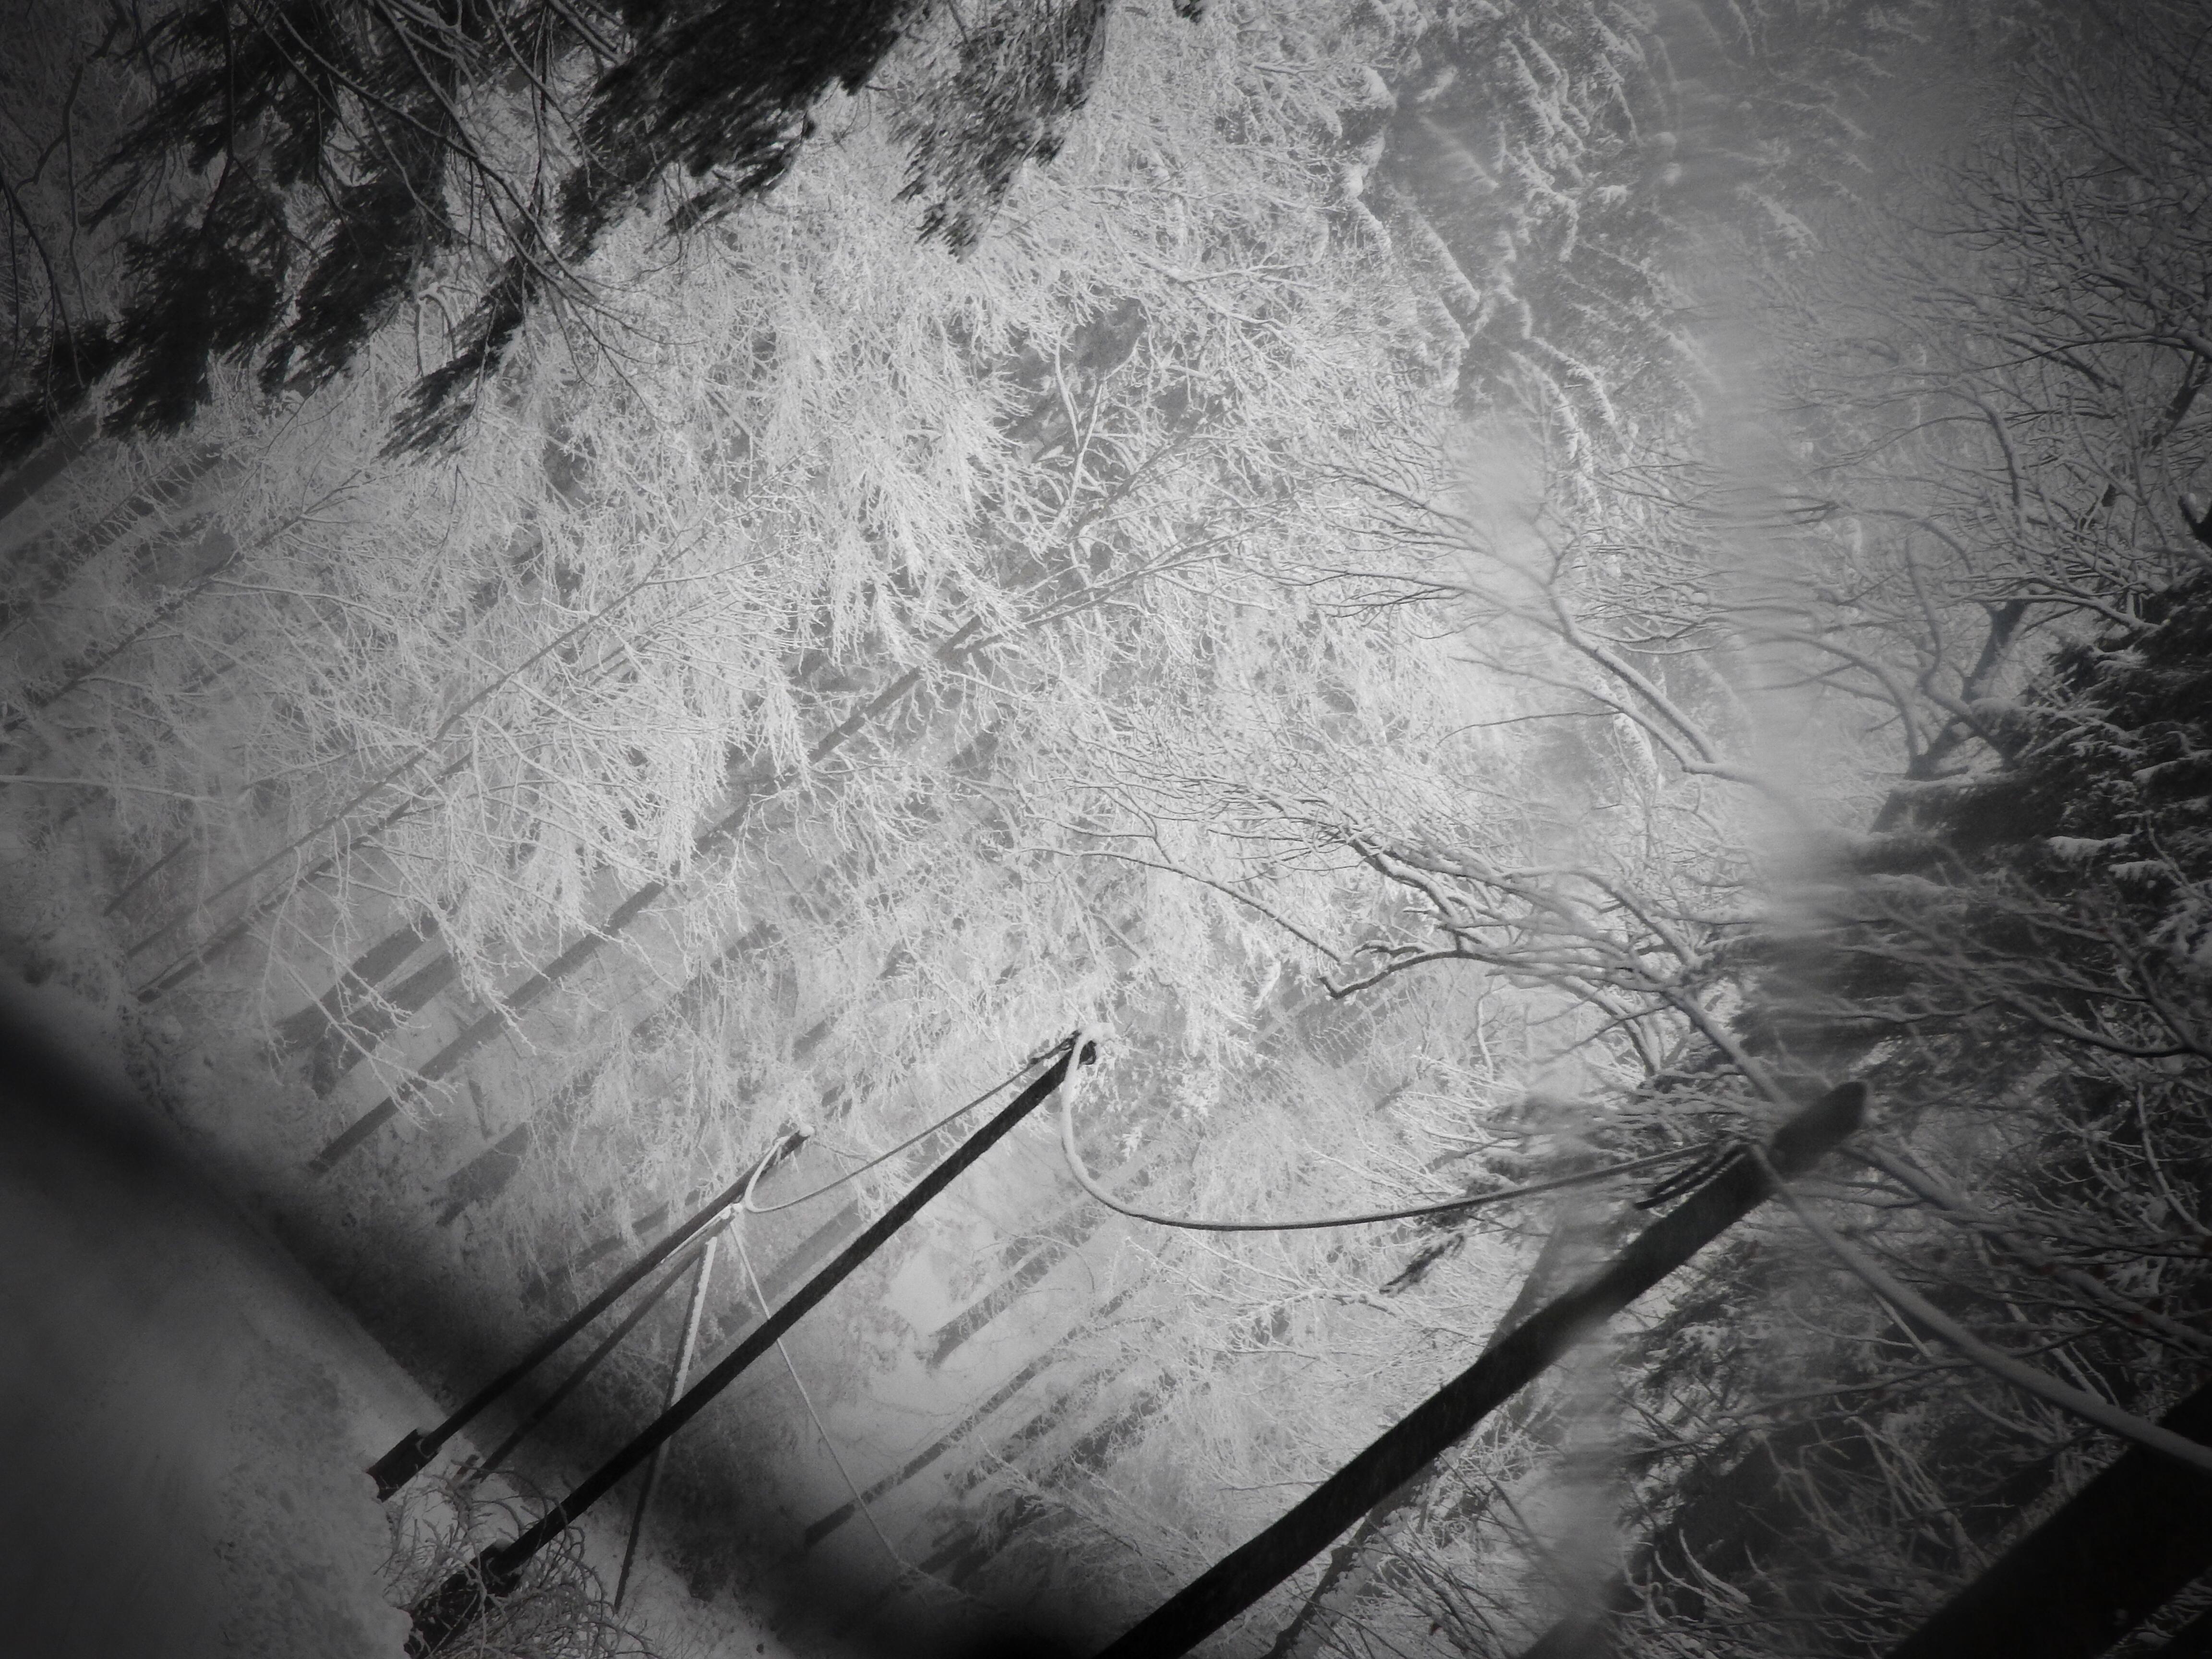 Biała bezseność / White insomnia